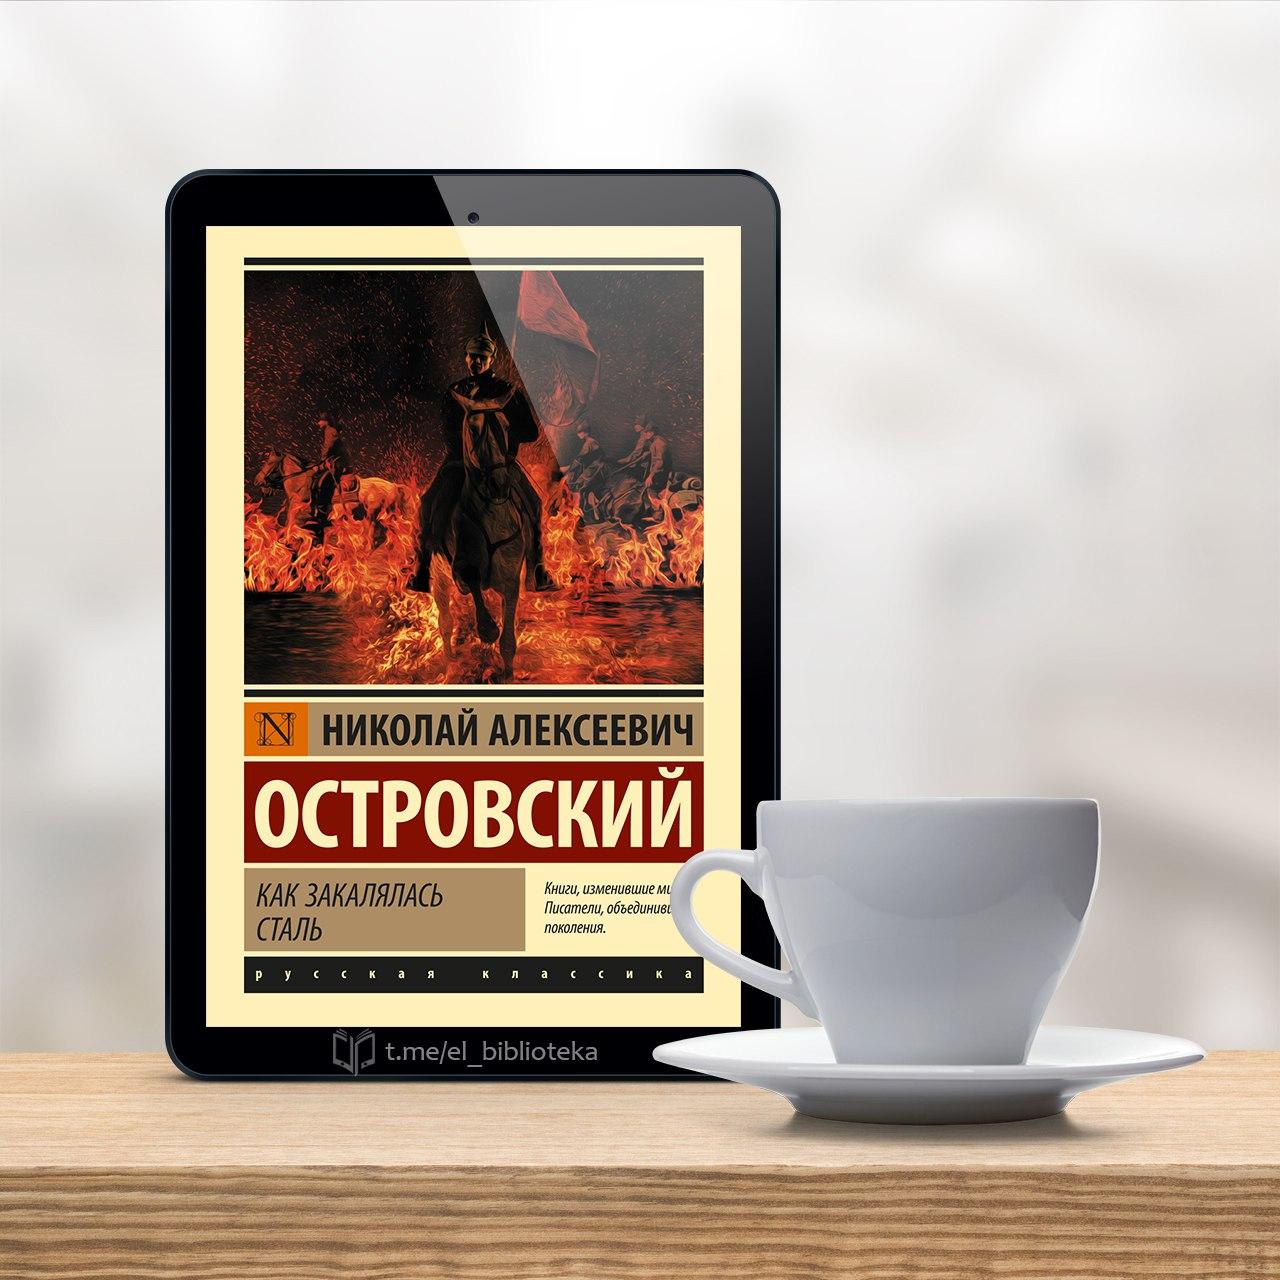  Как закалялась сталь  Автор:  Островский_Николай  Год издания: 2018...